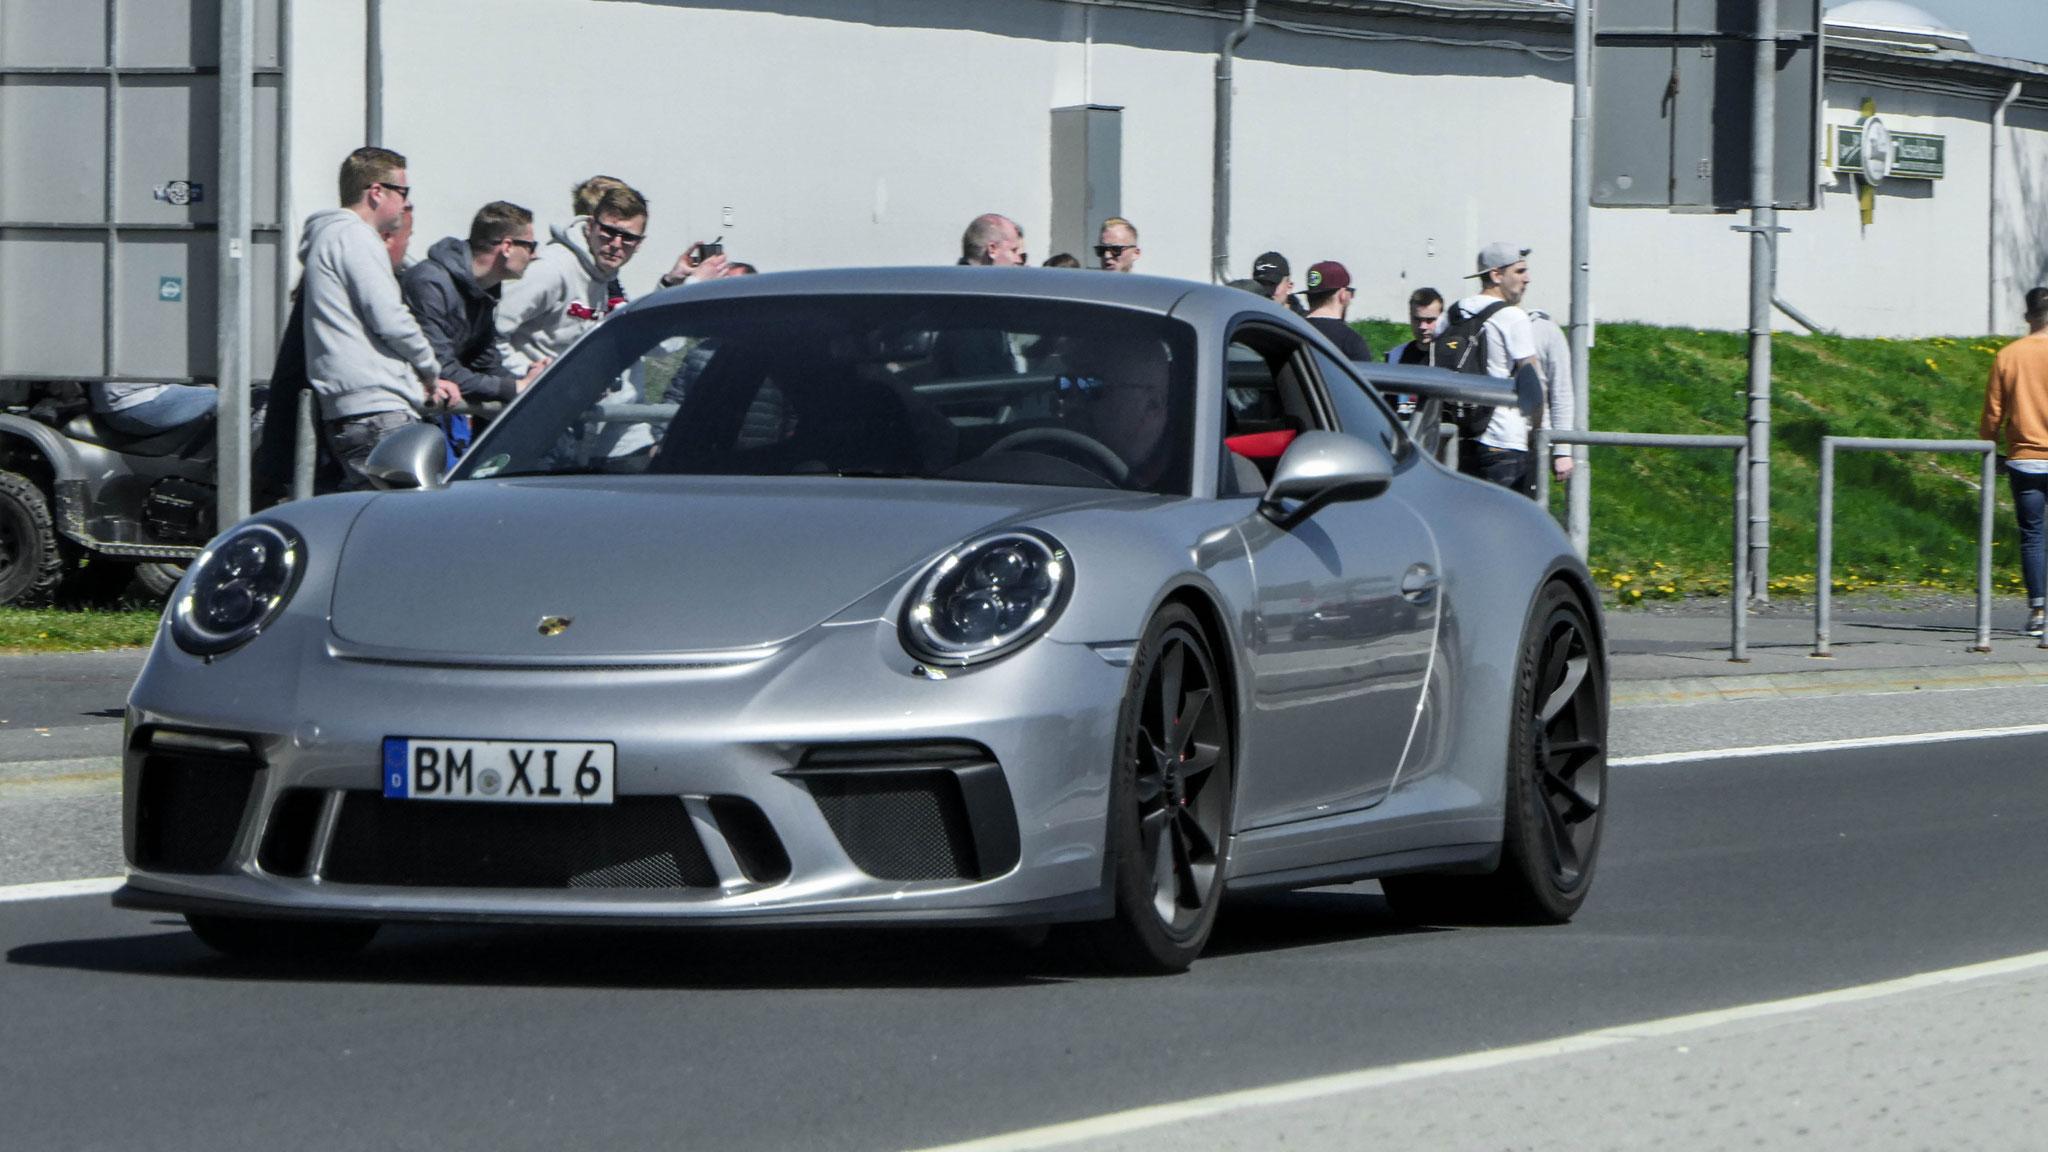 Porsche 991 GT3 - BM-XI-6